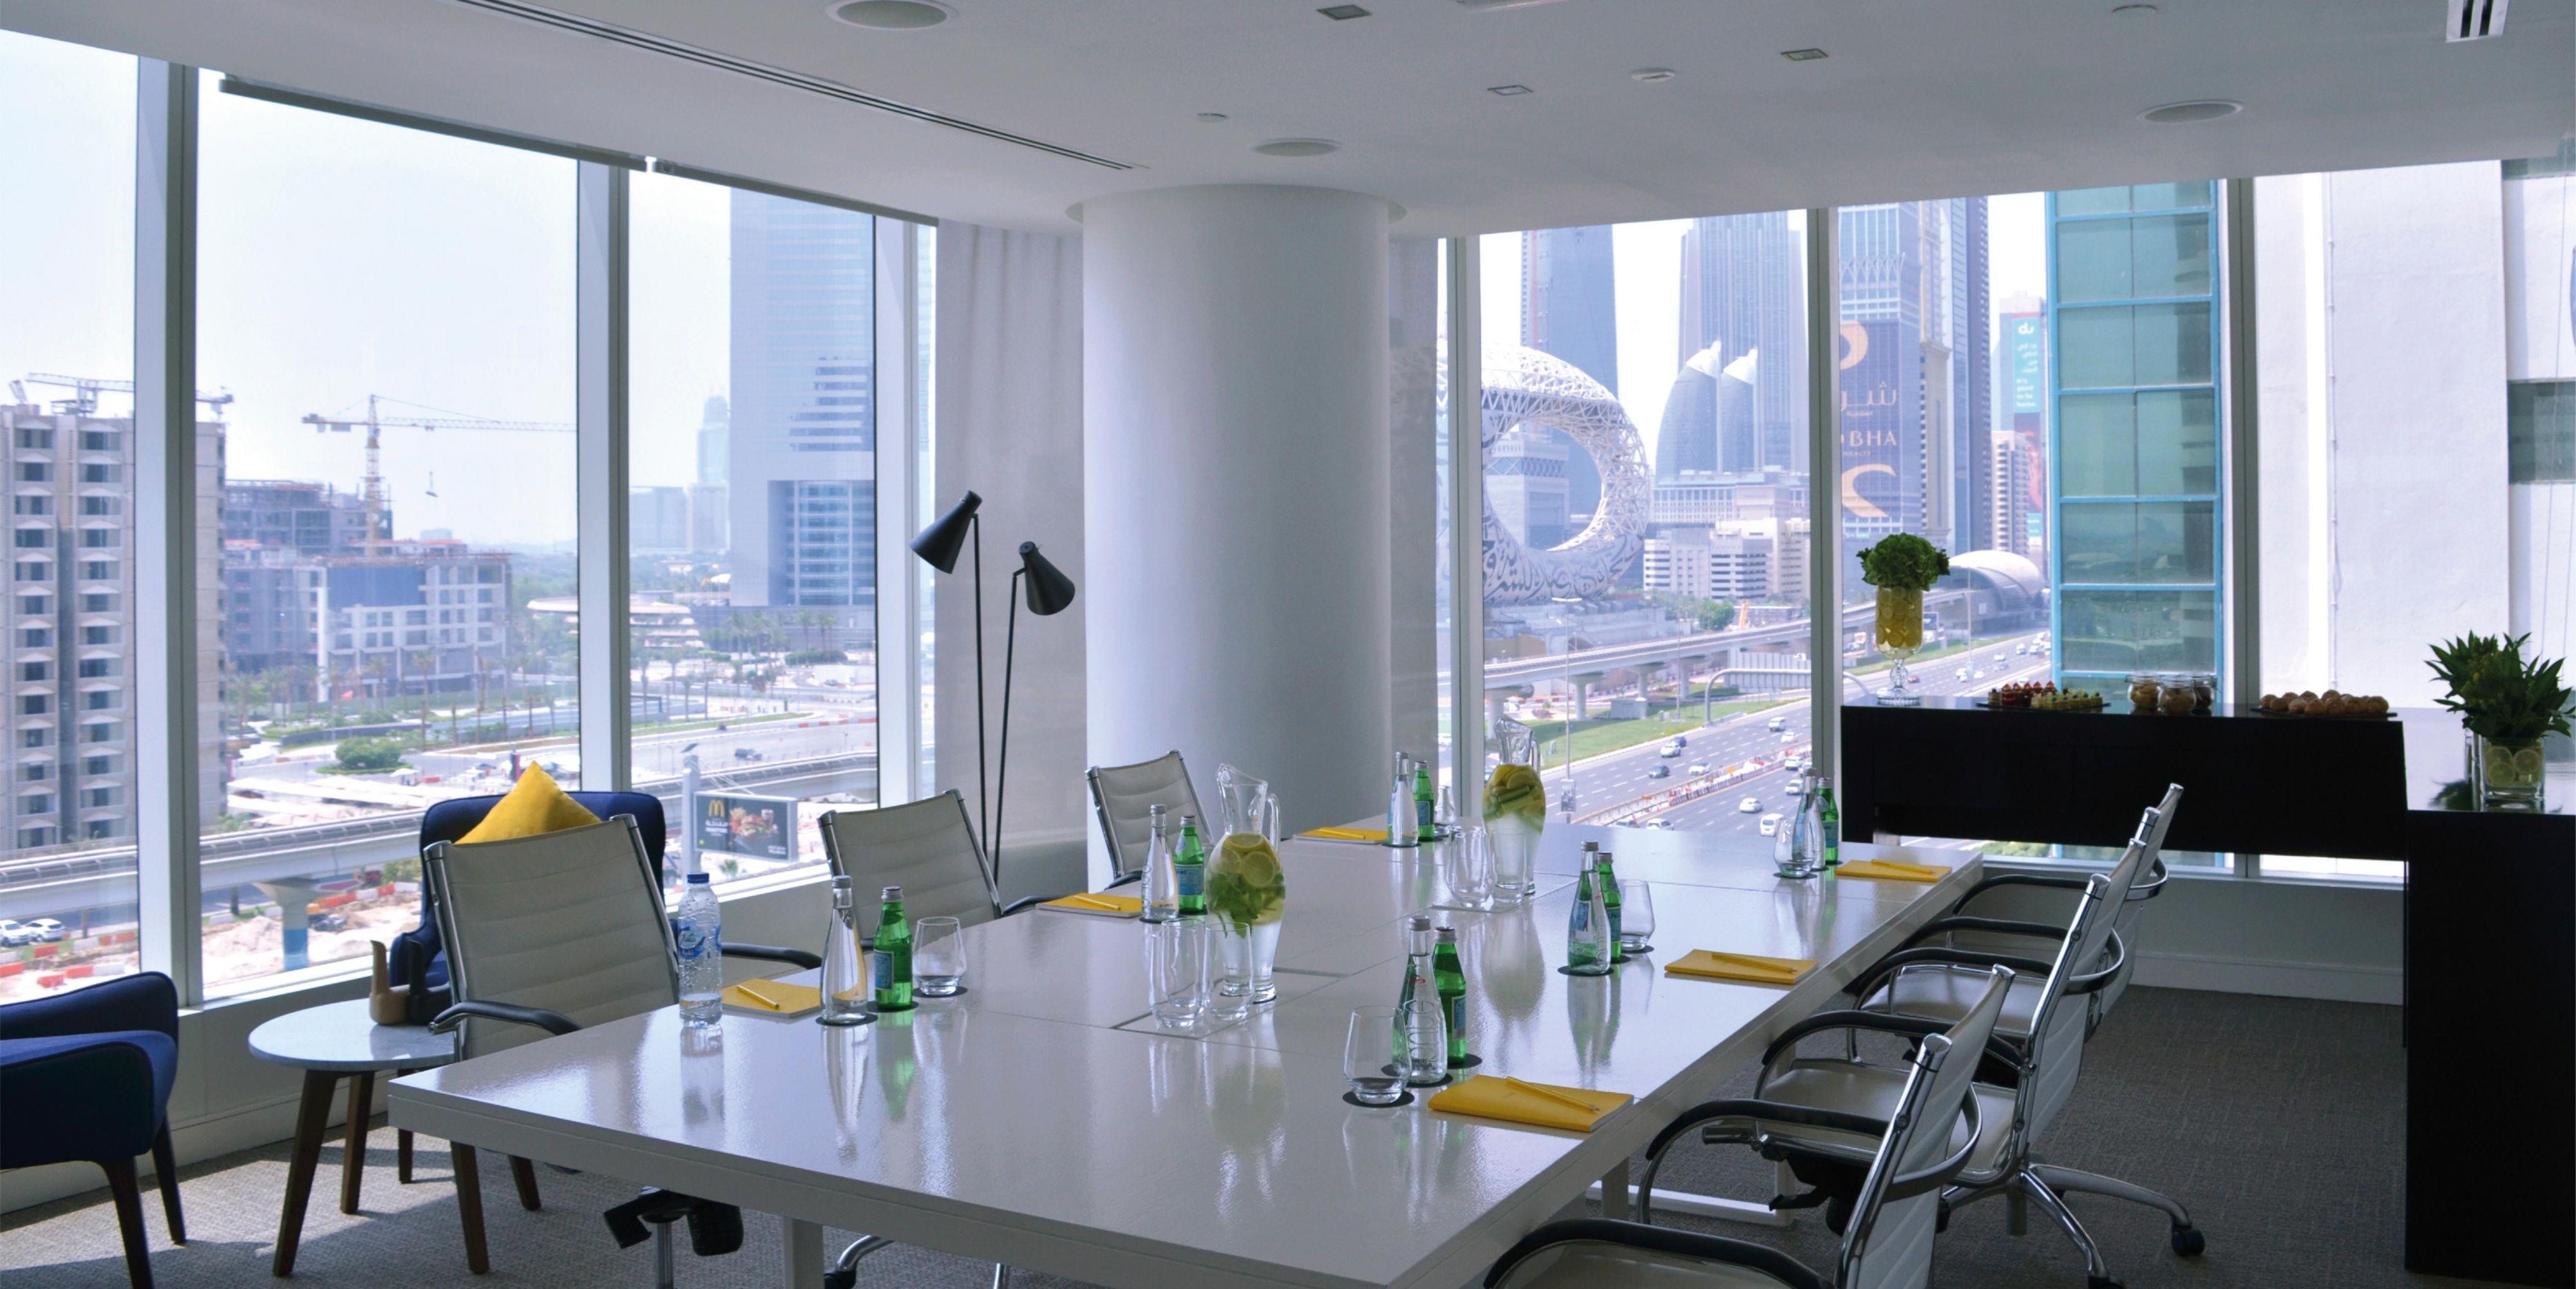 Congress Meeting Room, voco Dubai, Sheikh Zayed Road view